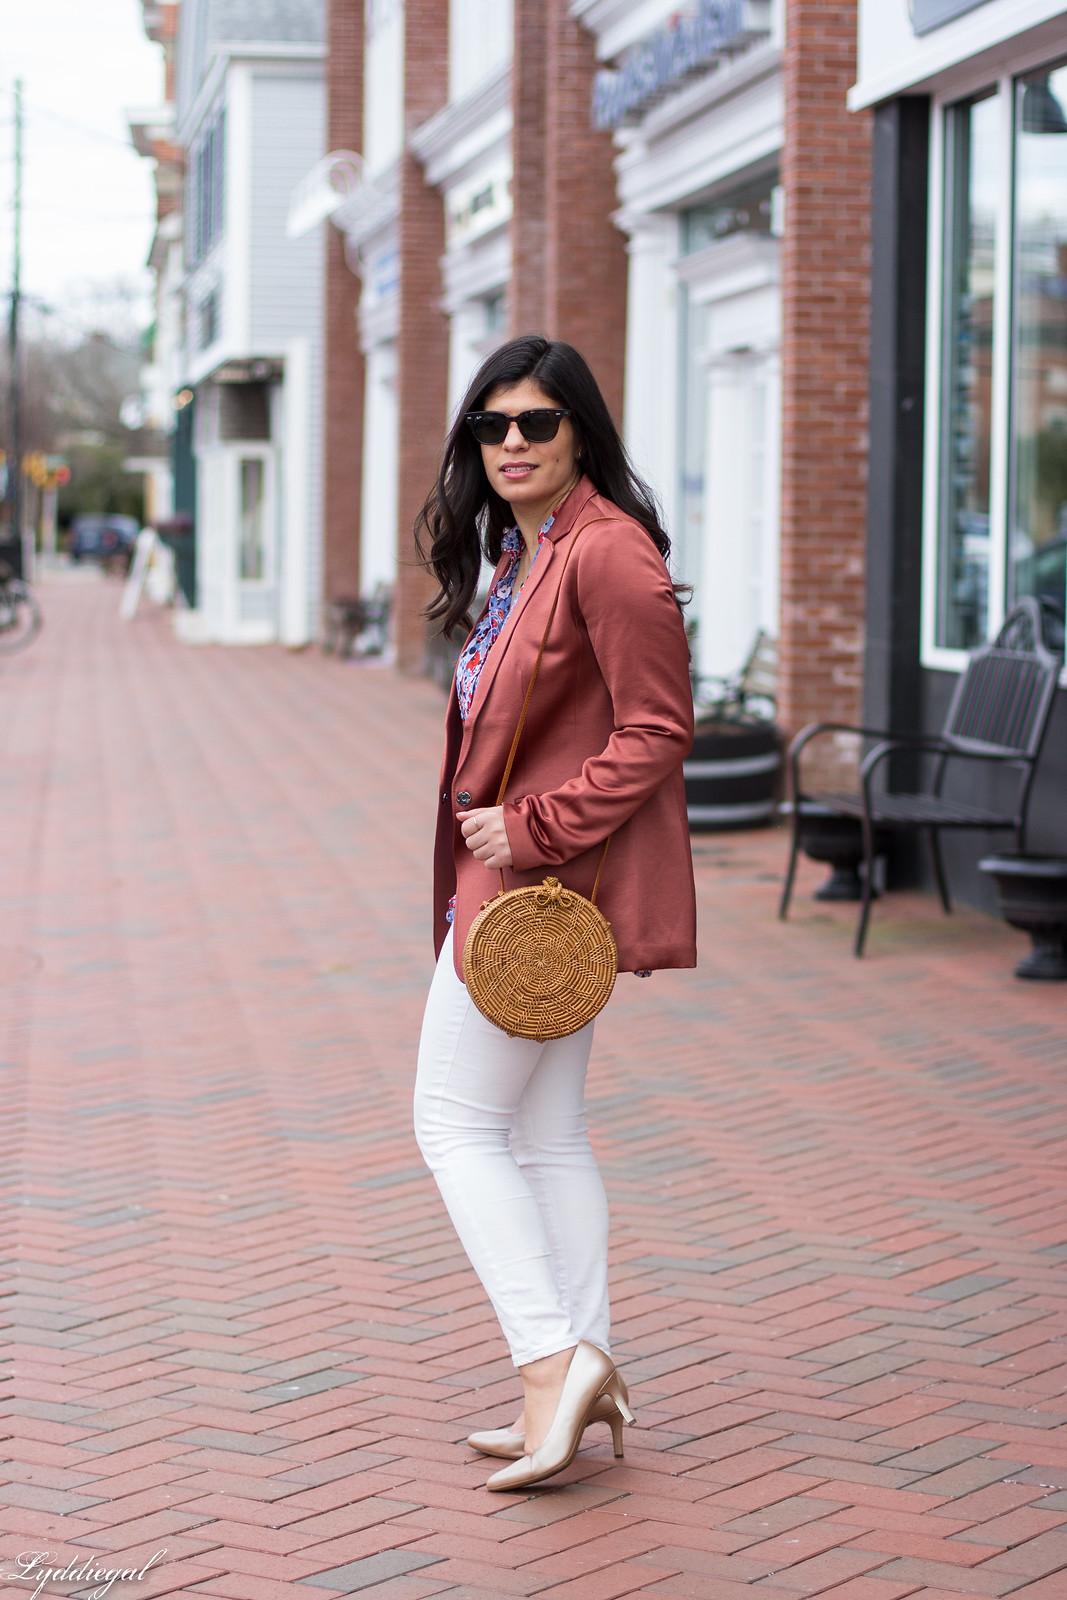 Rust Silk Blazer, Floral Blouse, White Jeans, Round Straw Bag-17.jpg